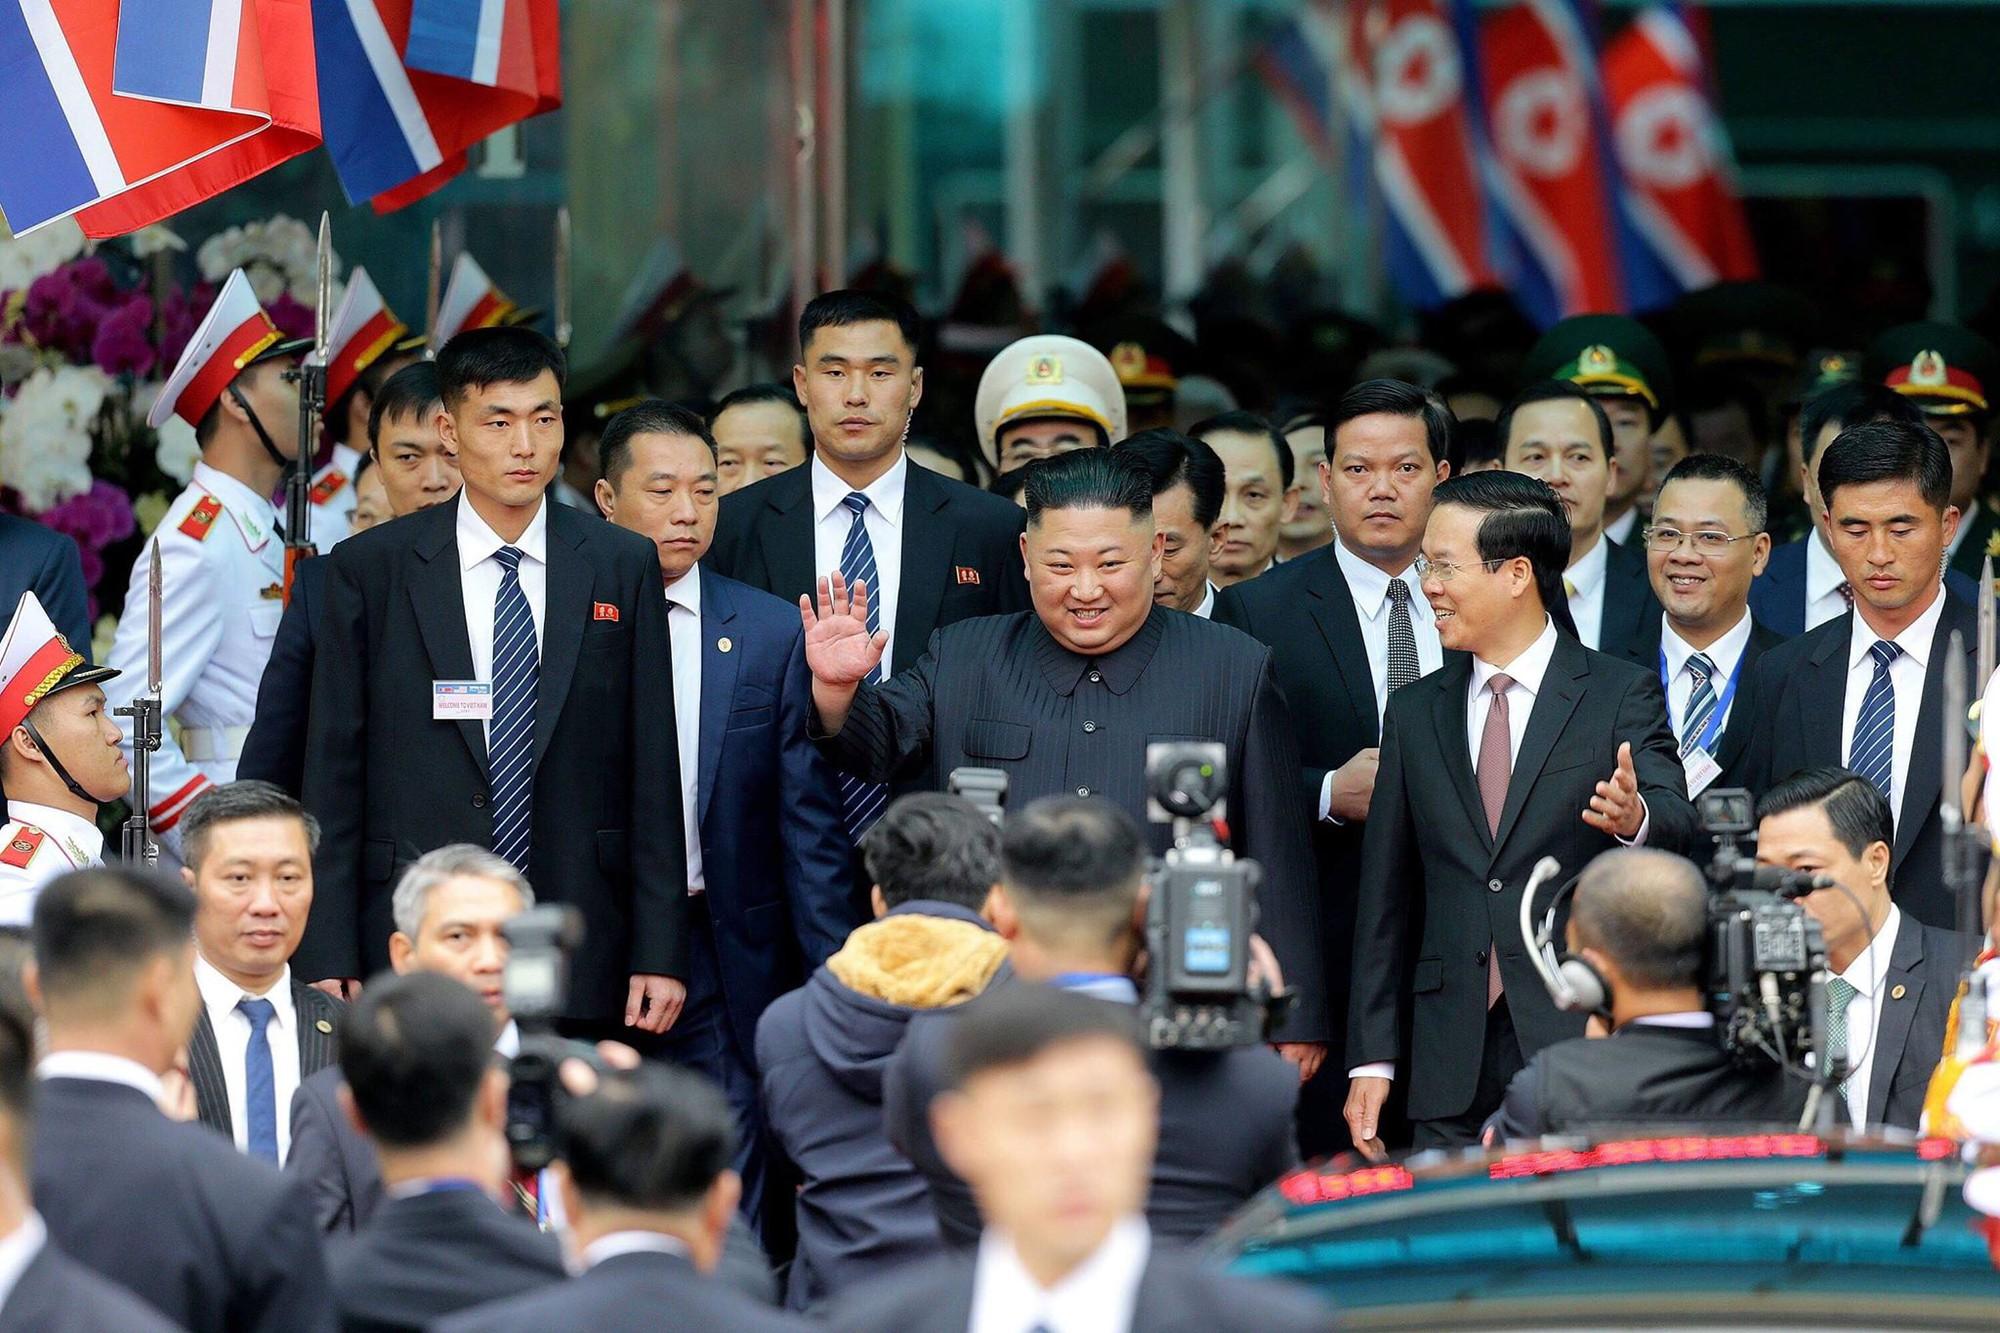 [PHOTO ESSAY] Những khoảnh khắc lịch sử trong chuyến công du Việt Nam đầu tiên của Chủ tịch Kim Jong-un - Ảnh 5.